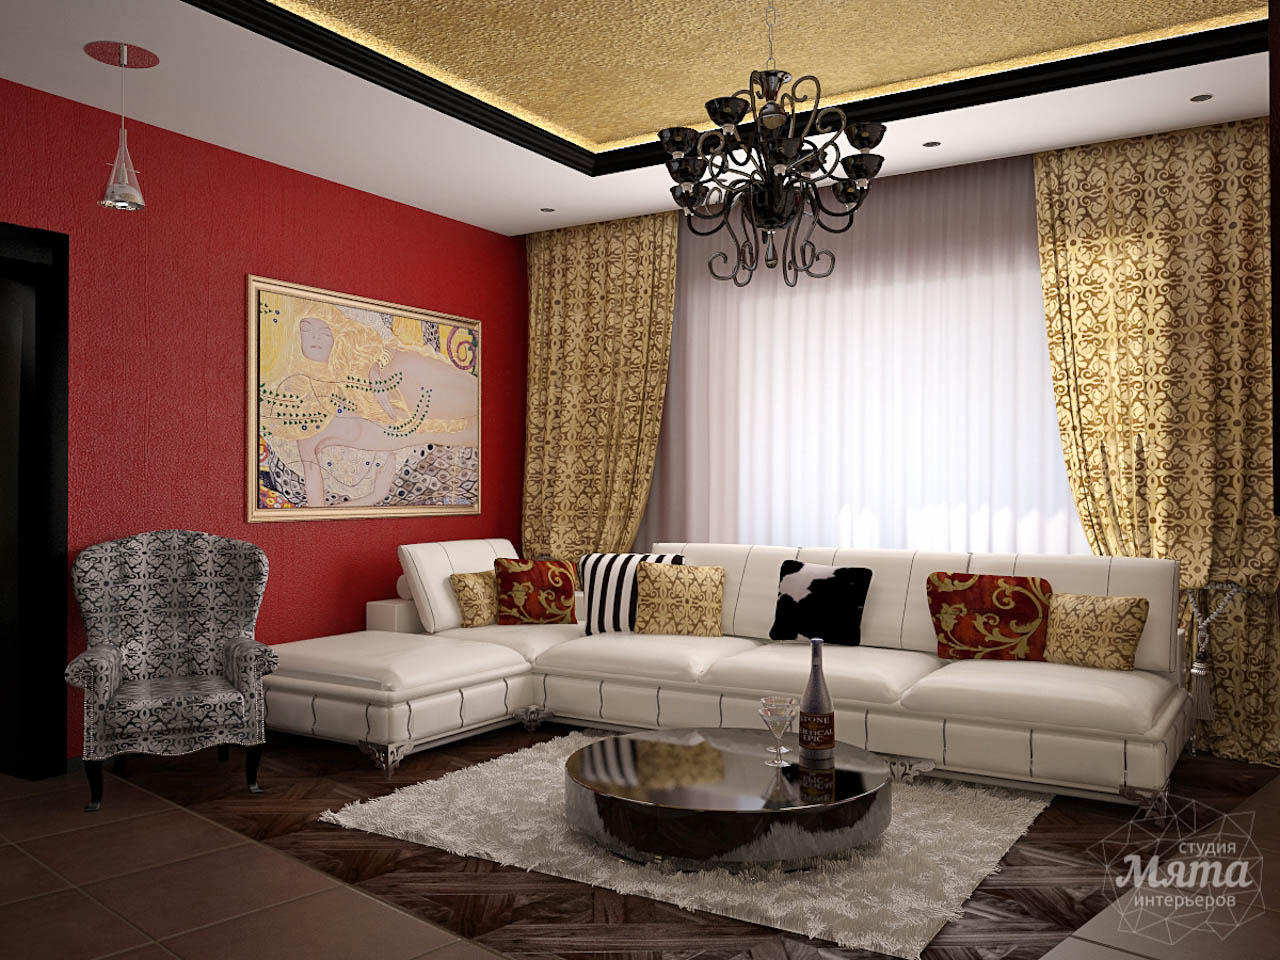 Дизайн интерьера коттеджа первого этажа по ул. Урожайная 17 img1018960102